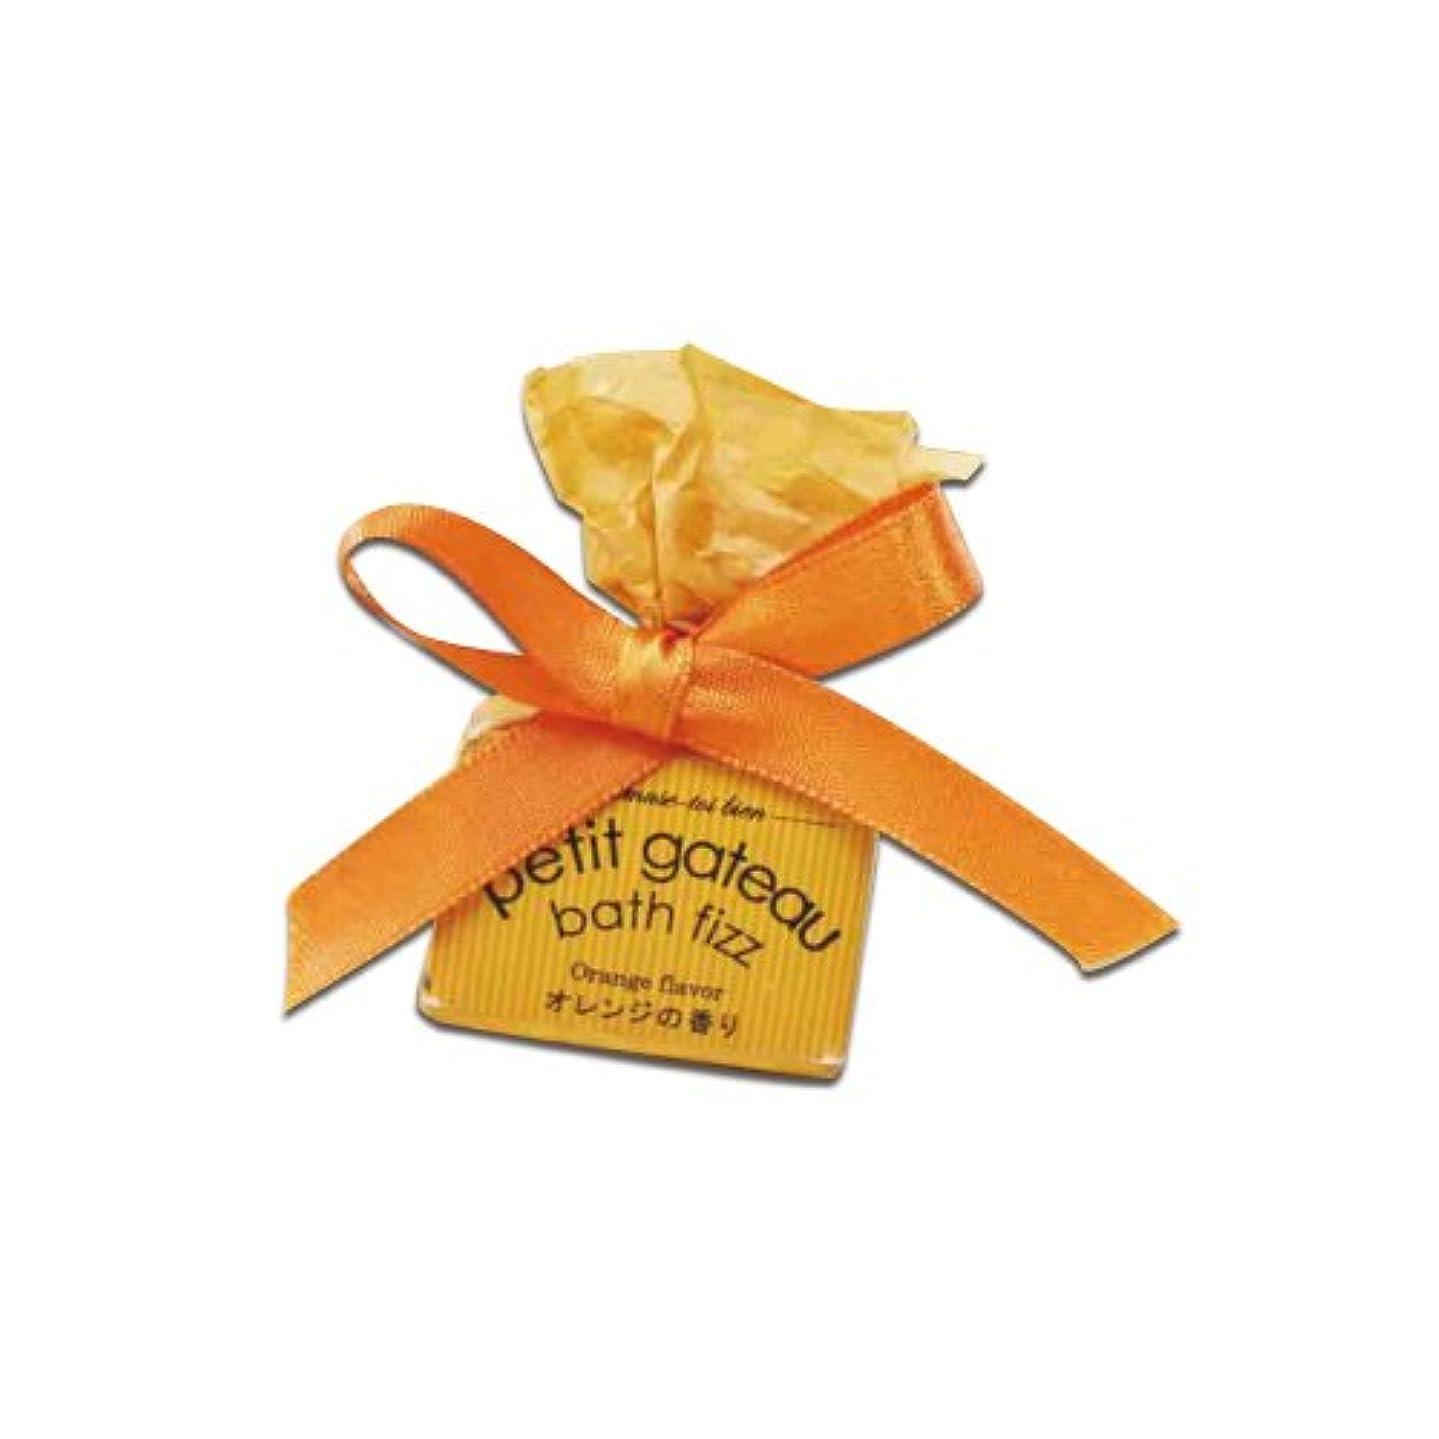 爪コールド崖プチガトーバスフィザー オレンジの香り 12個セット